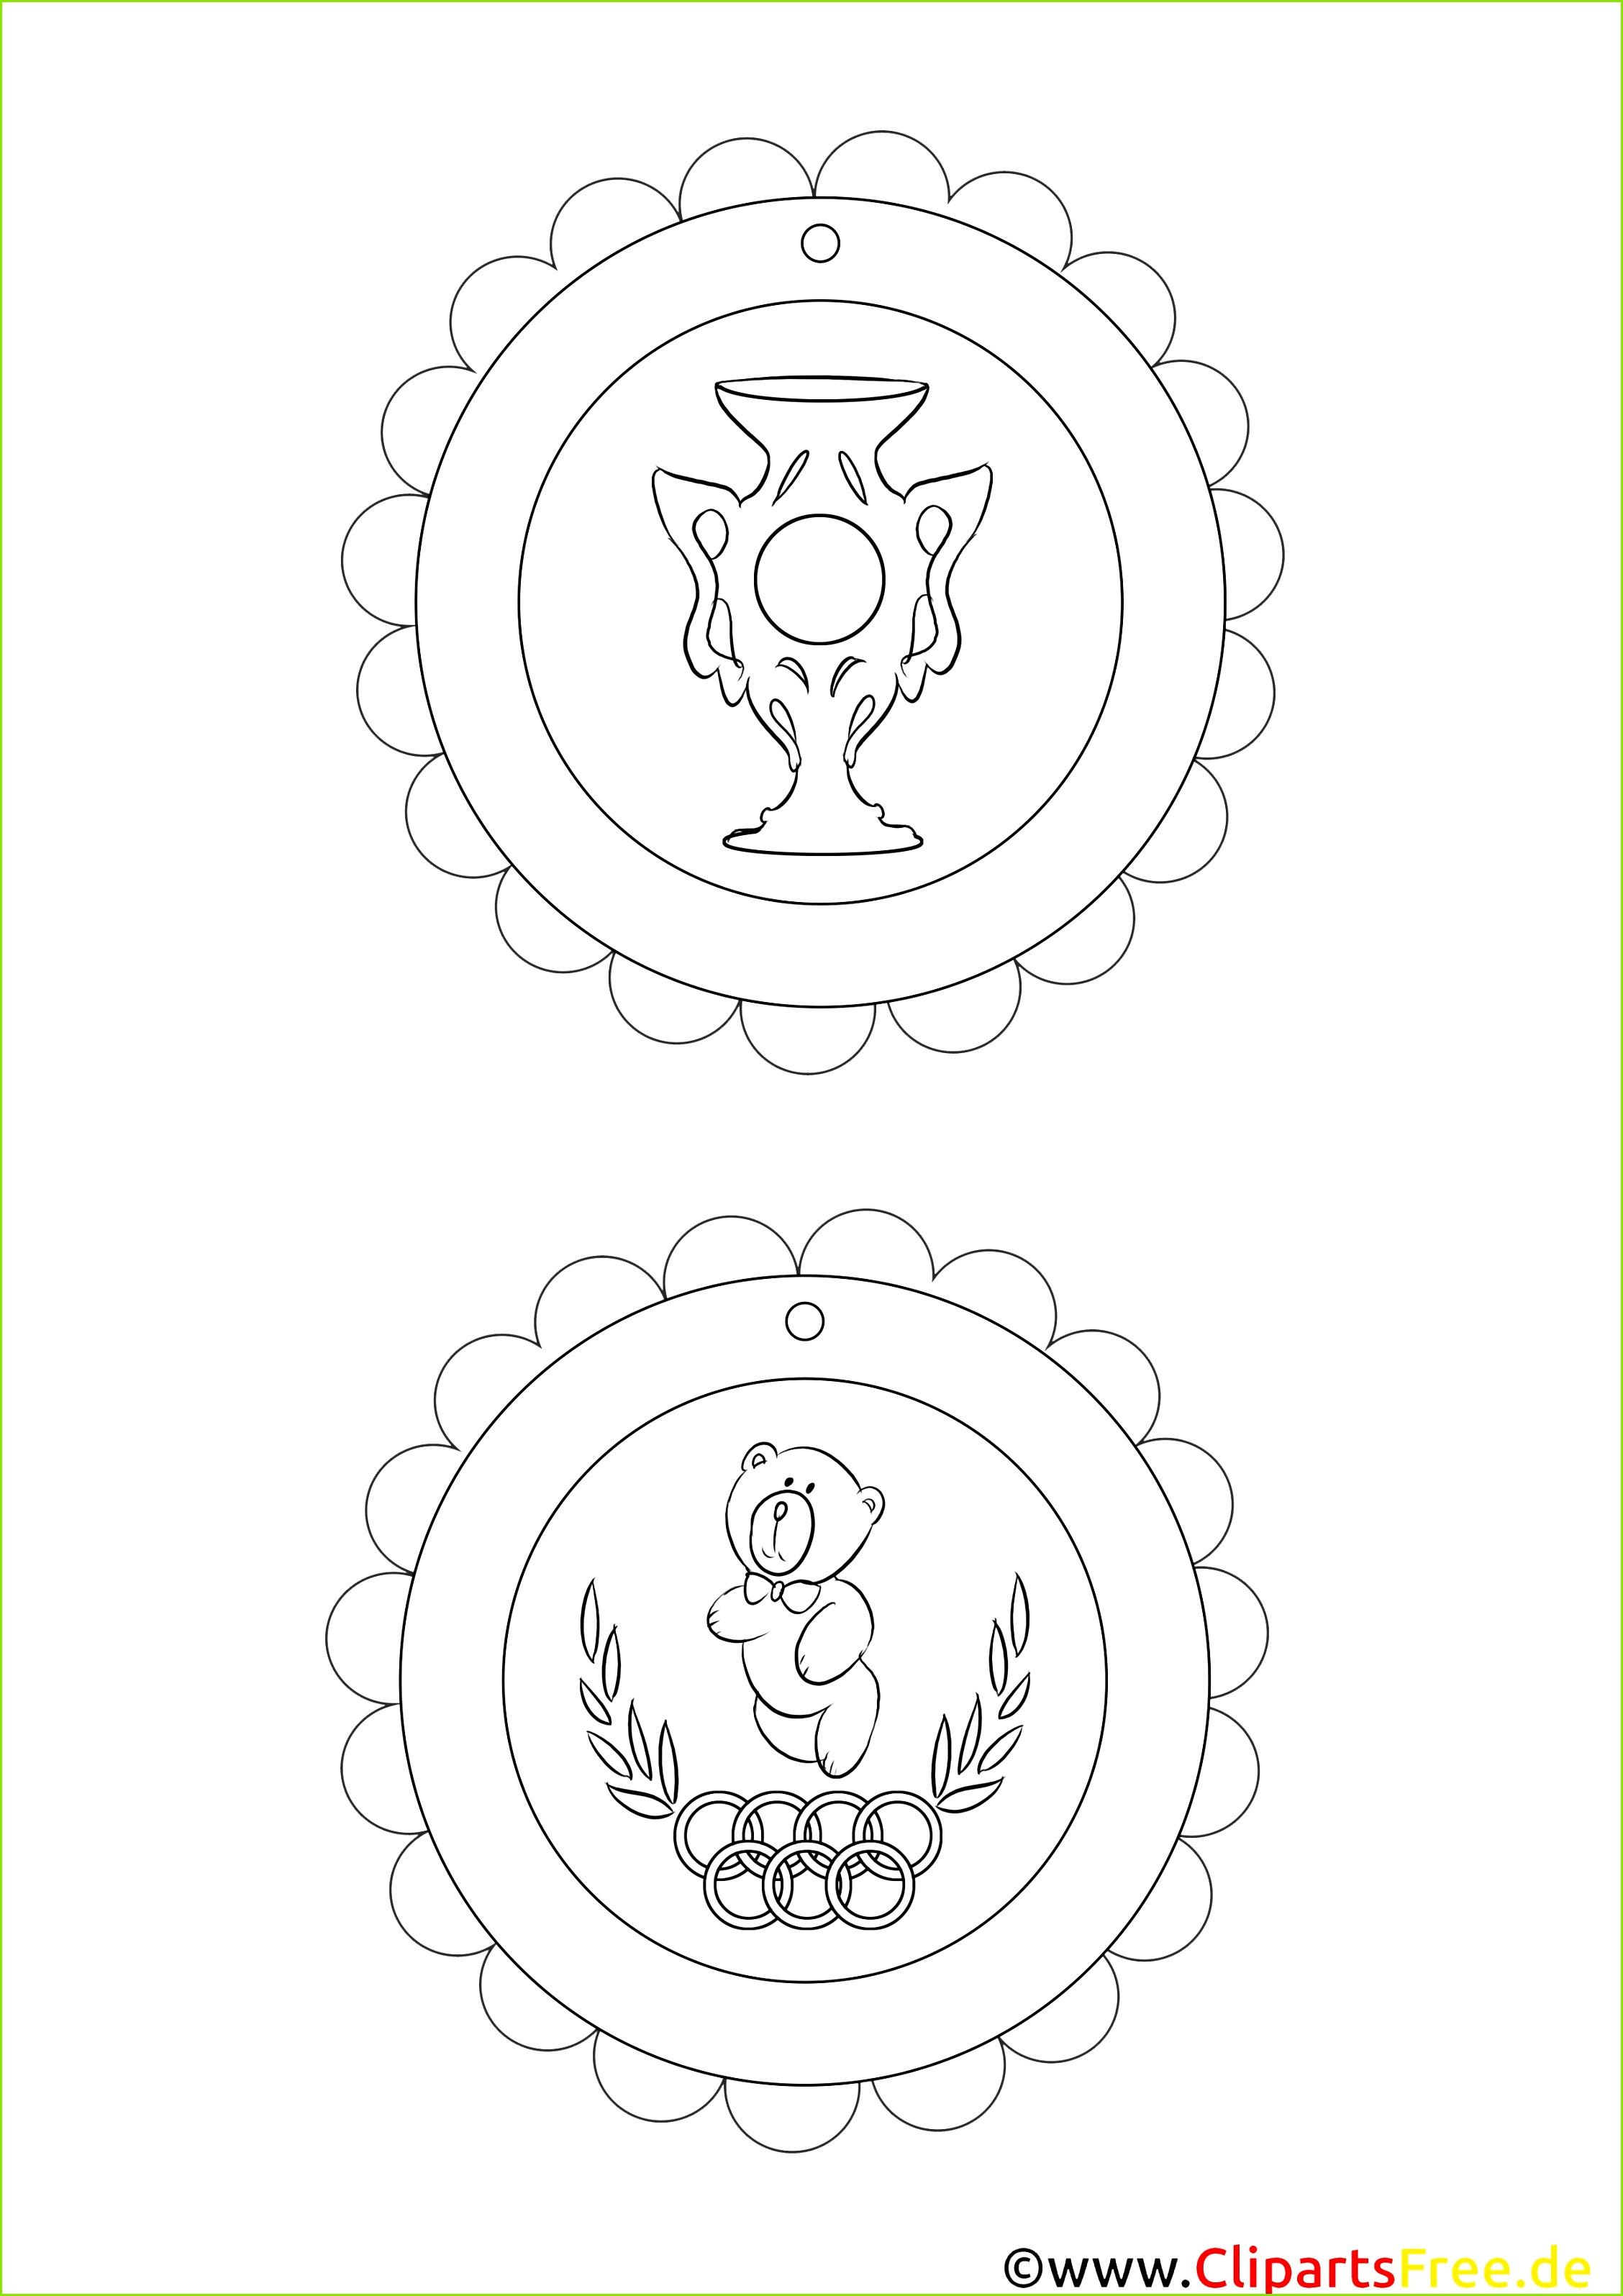 Medaille Vorlage Ausdrucken Elegante Fantastisch Medaillenvorlagen ganzes Medaillen Zum Ausdrucken